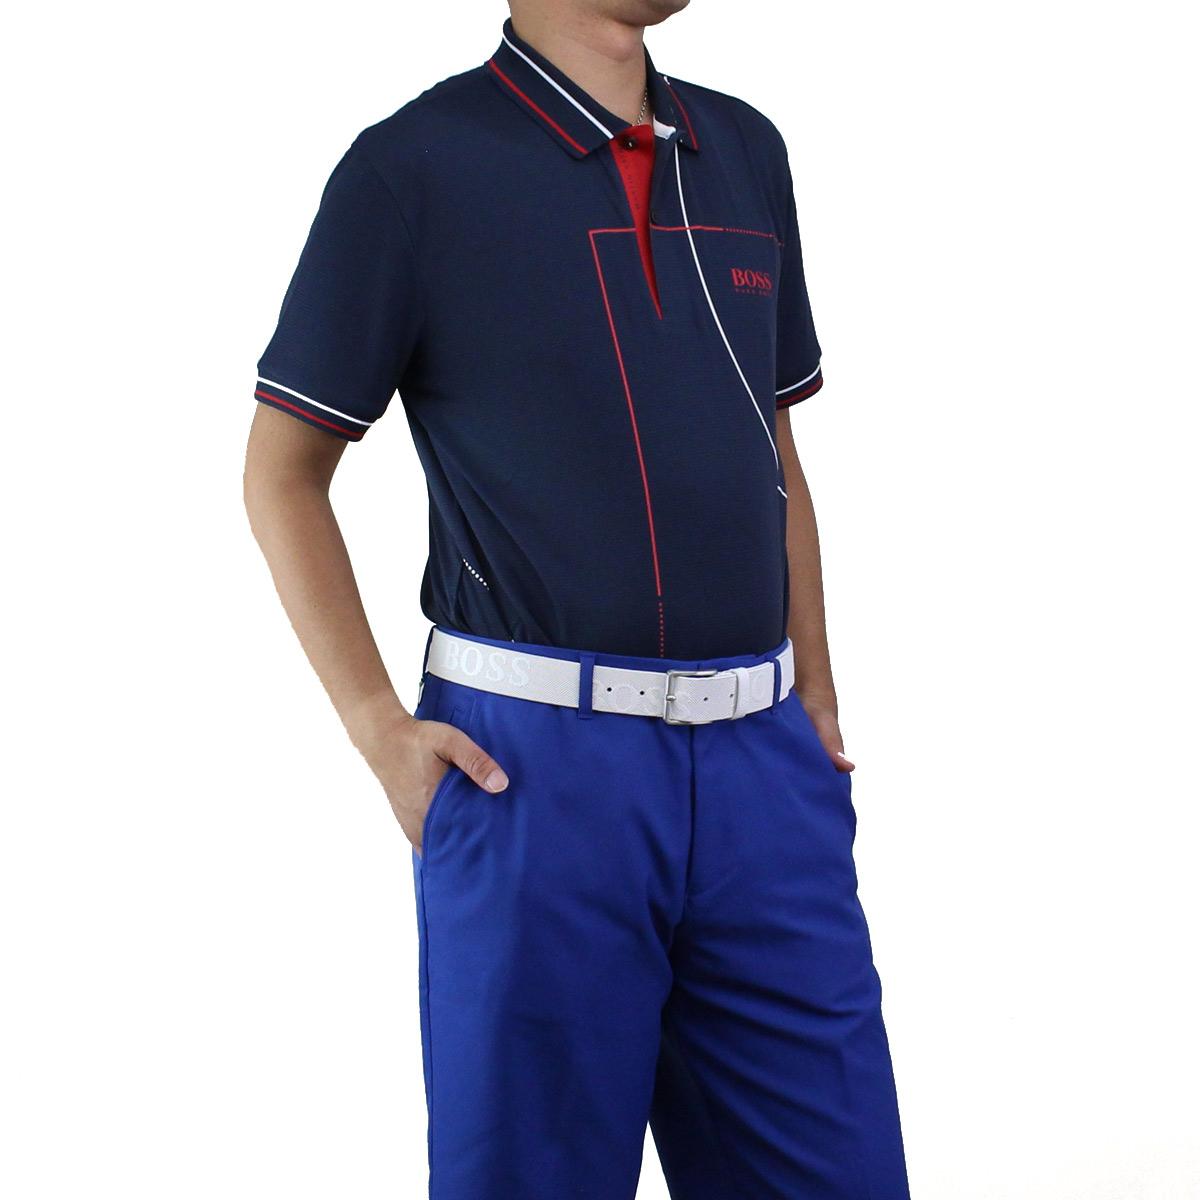 ヒューゴ ボス HUGO BOSS PADDY MK1 パディ マーク1 ポロシャツ 半袖 ゴルフウェア 50403516 10198091 410 ネイビー系 メンズ【キャッシュレス 5% 還元】